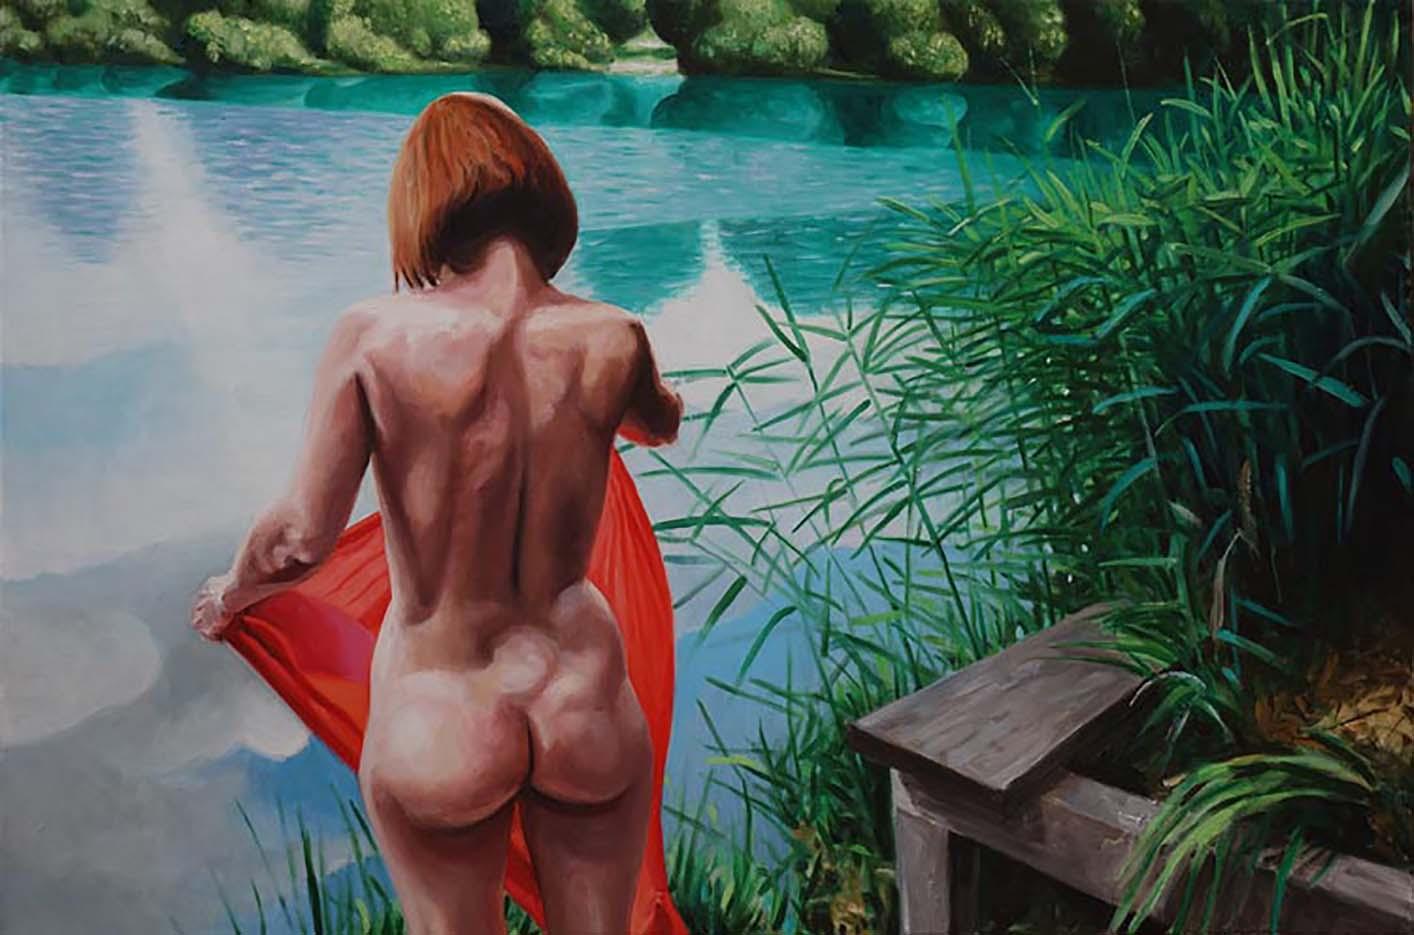 """Георг С. Вирнхартер (Georg C. Wirnharter) """"Cora mit rotem Tuch am grunen Teich"""""""